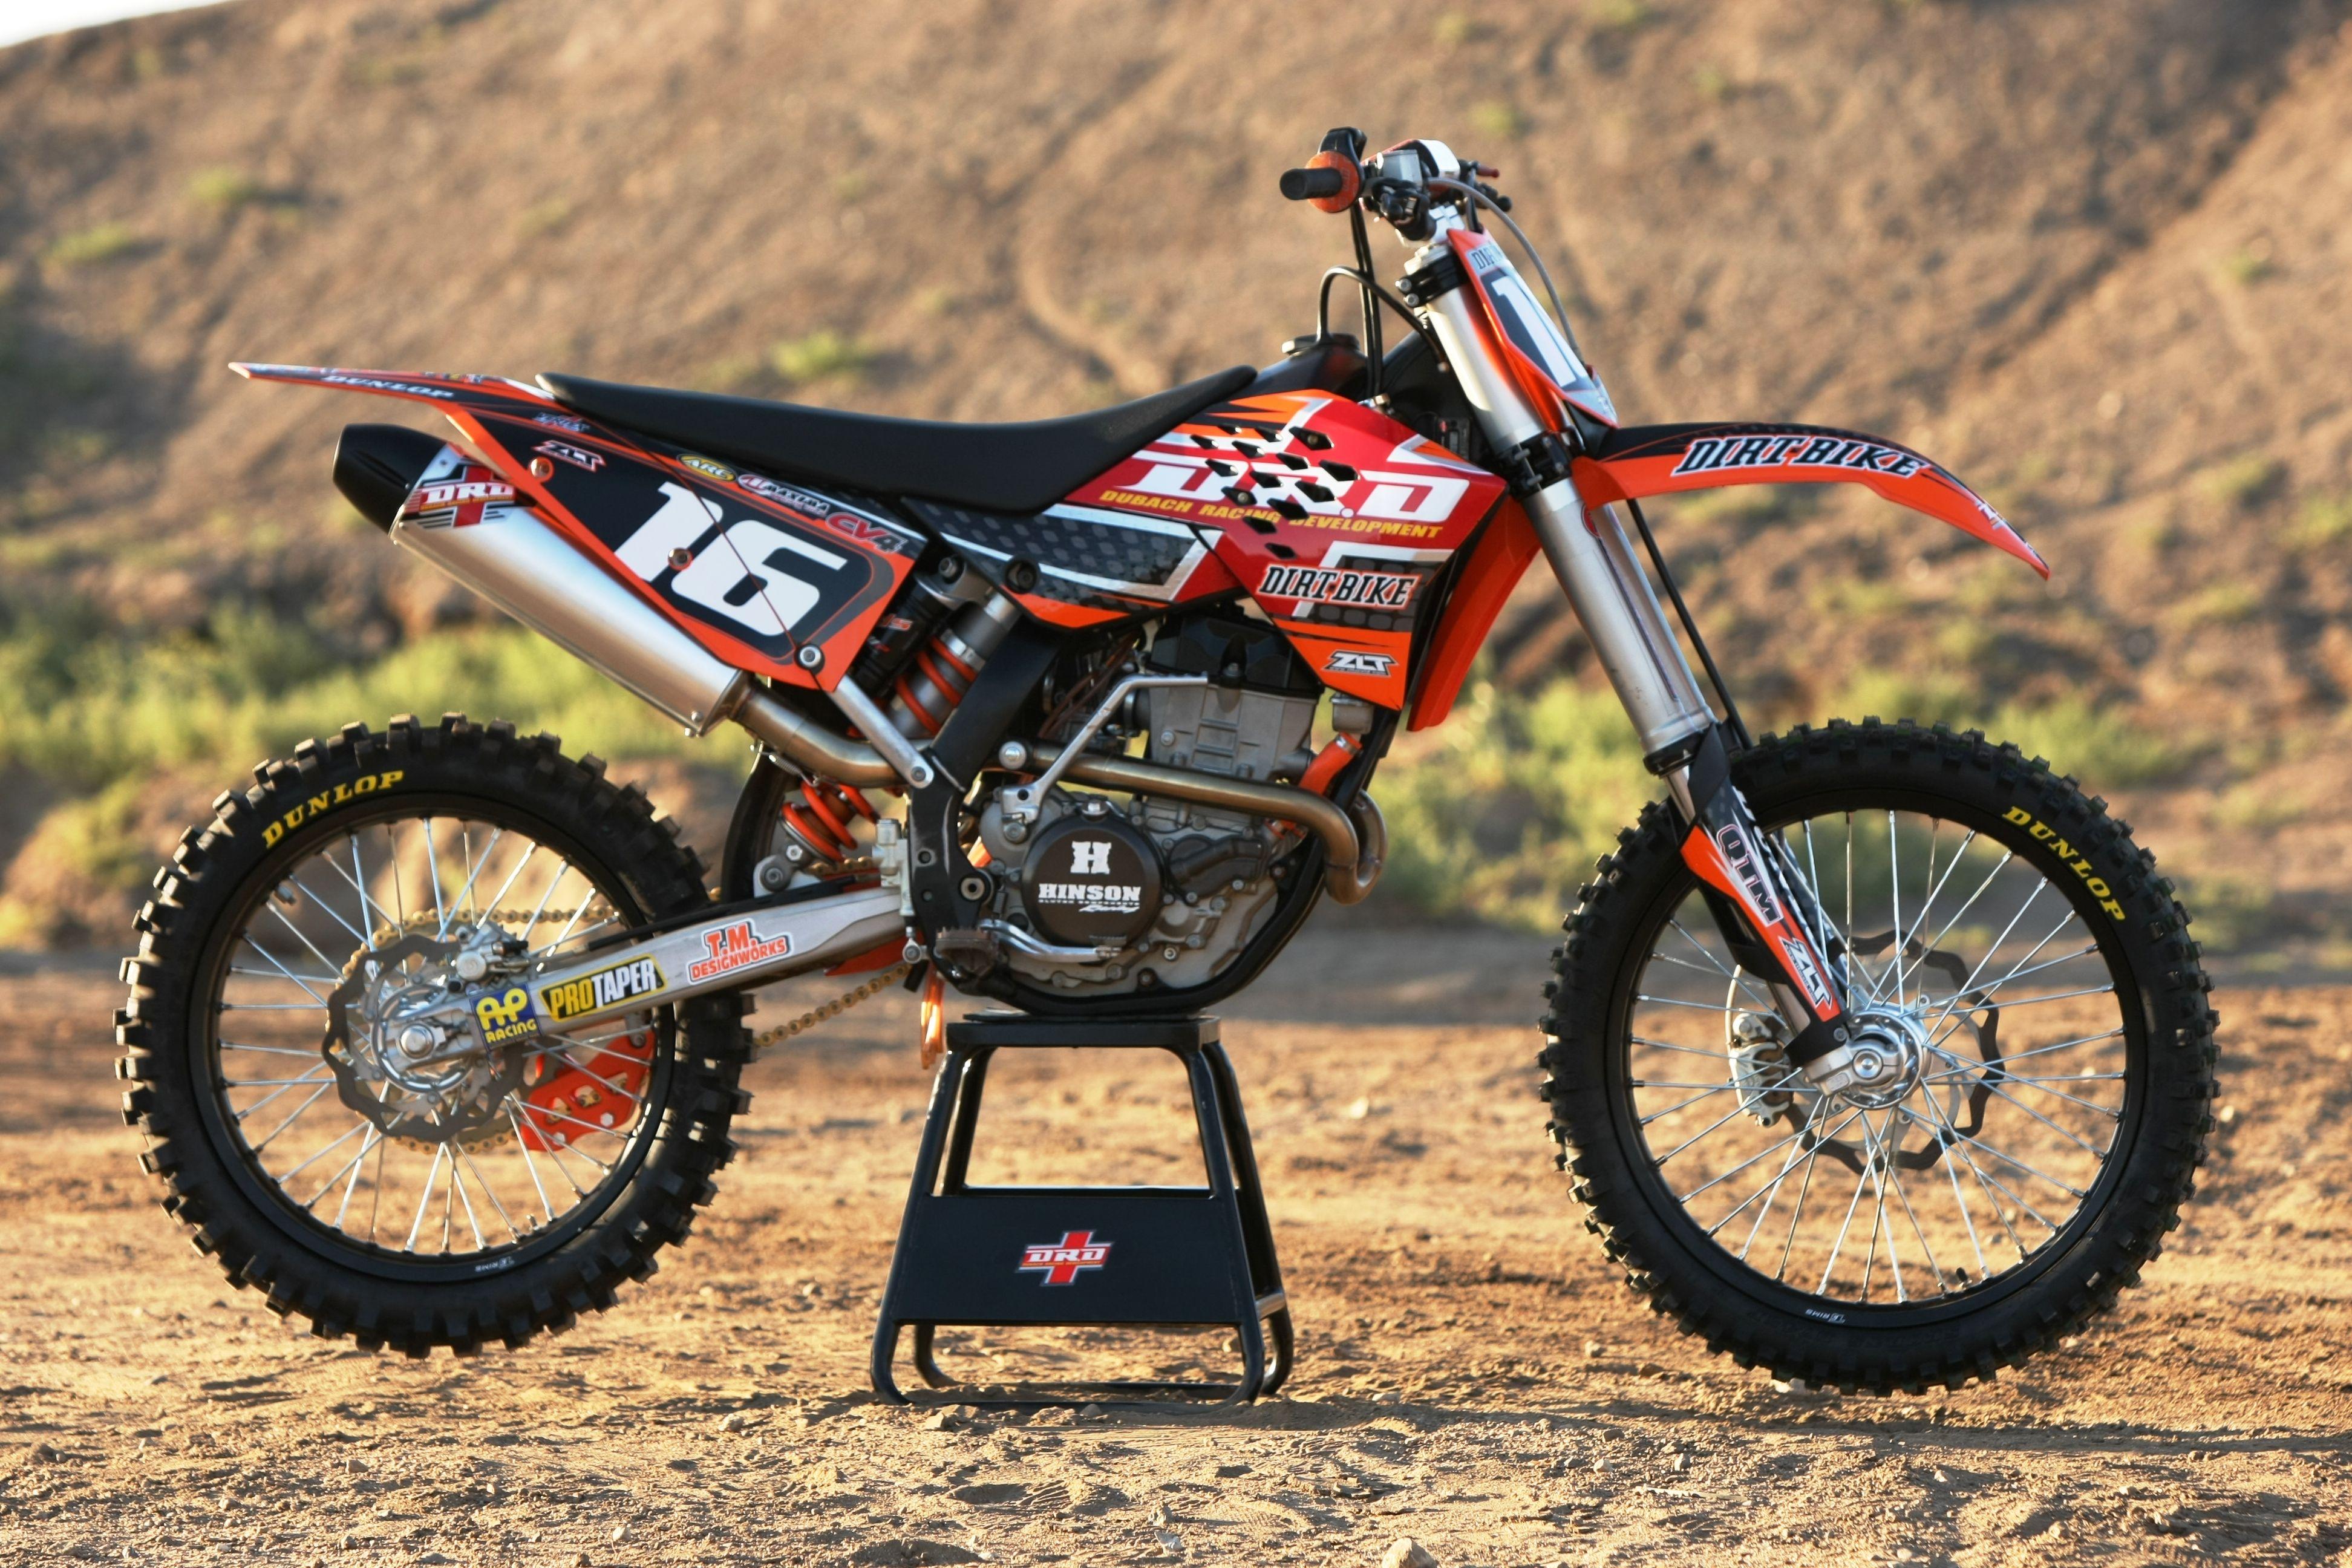 Ktm Dirtbike Motorcross Bike Ktm Dirt Bikes Ktm Motocross